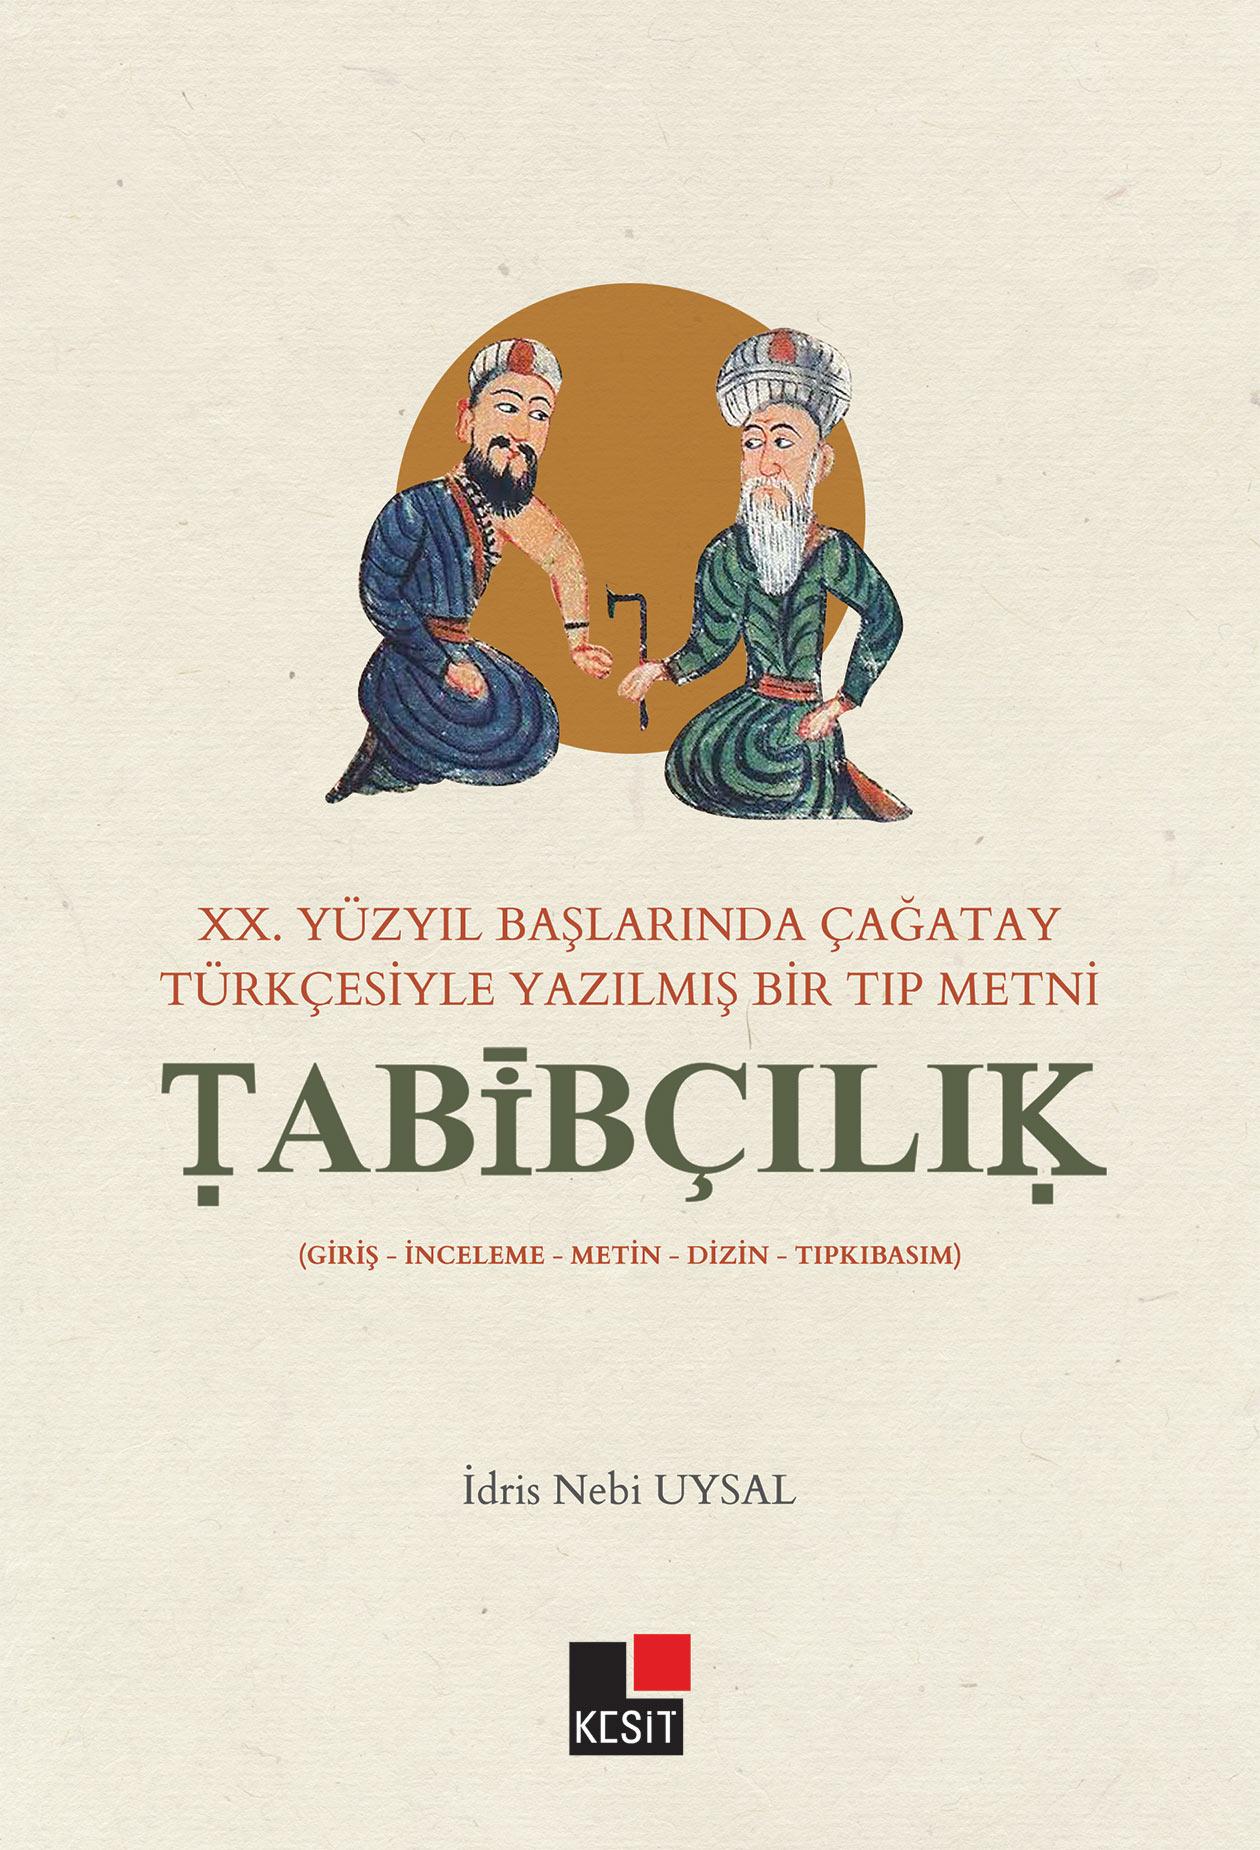 XX.Yüzyıl Başlarında Çağatay Türkçesiyle Yazılmış Bir Tıp Metni Tabibçılık